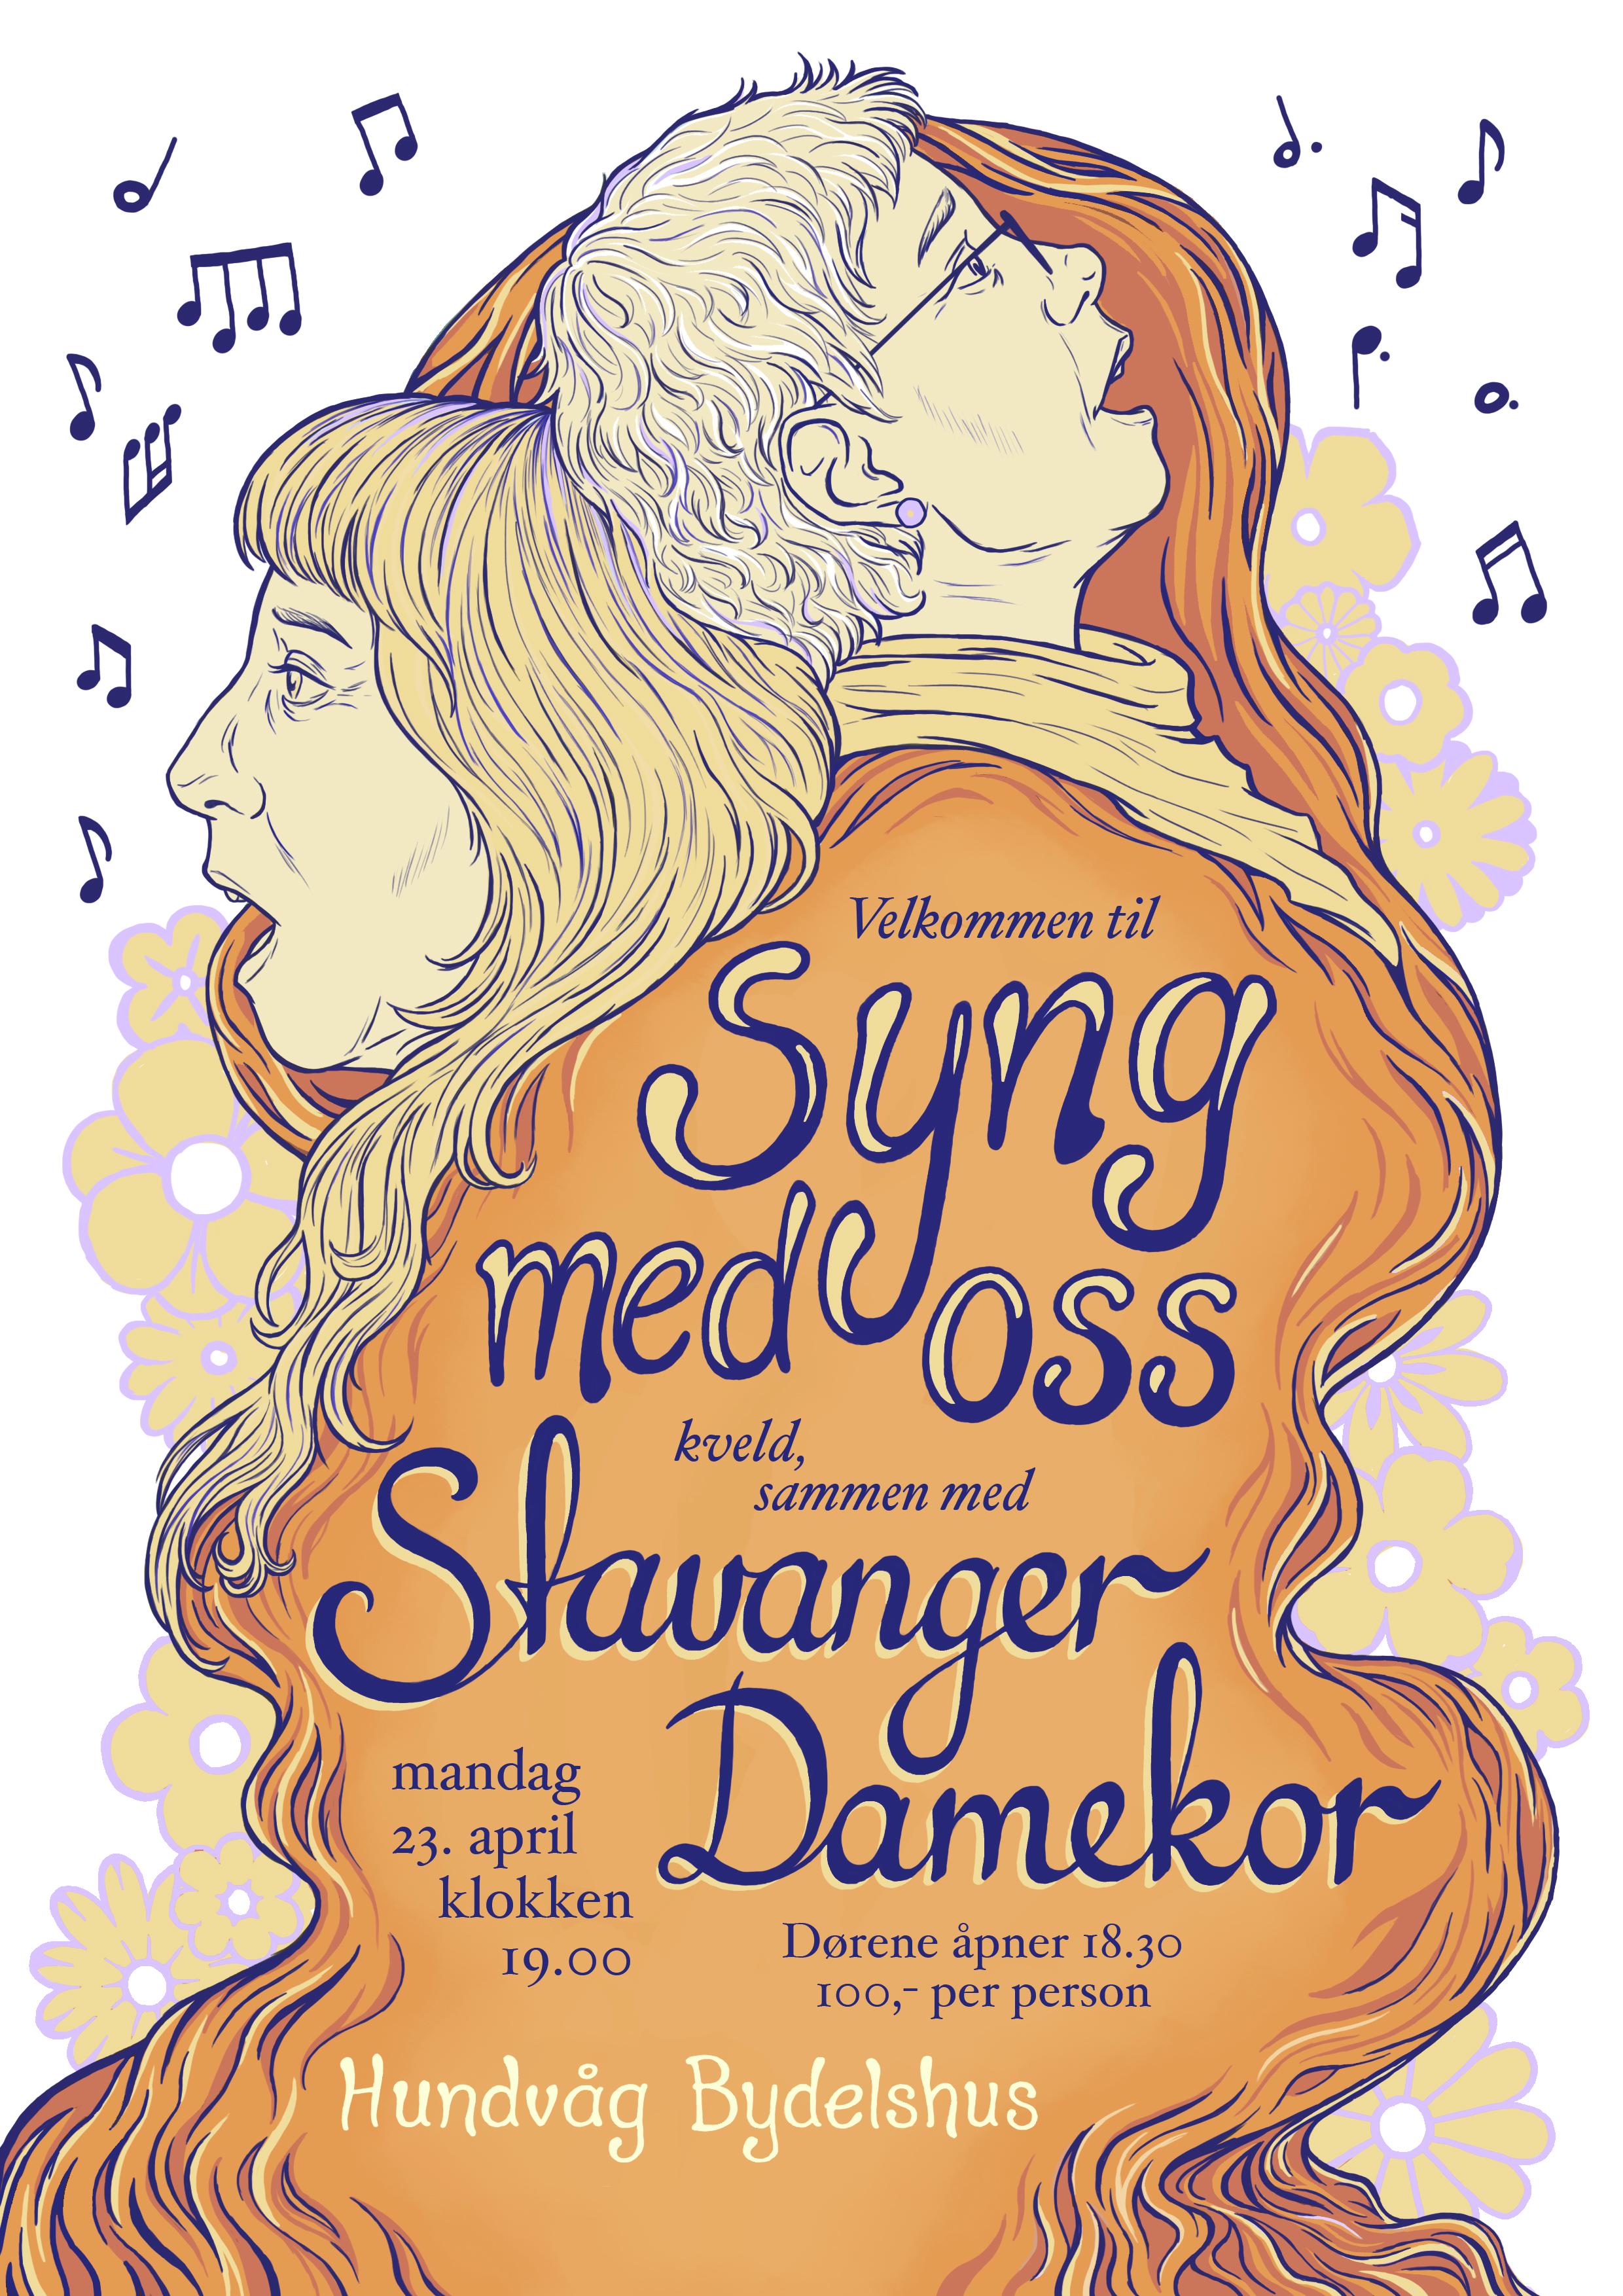 Stavanger Damekor poster